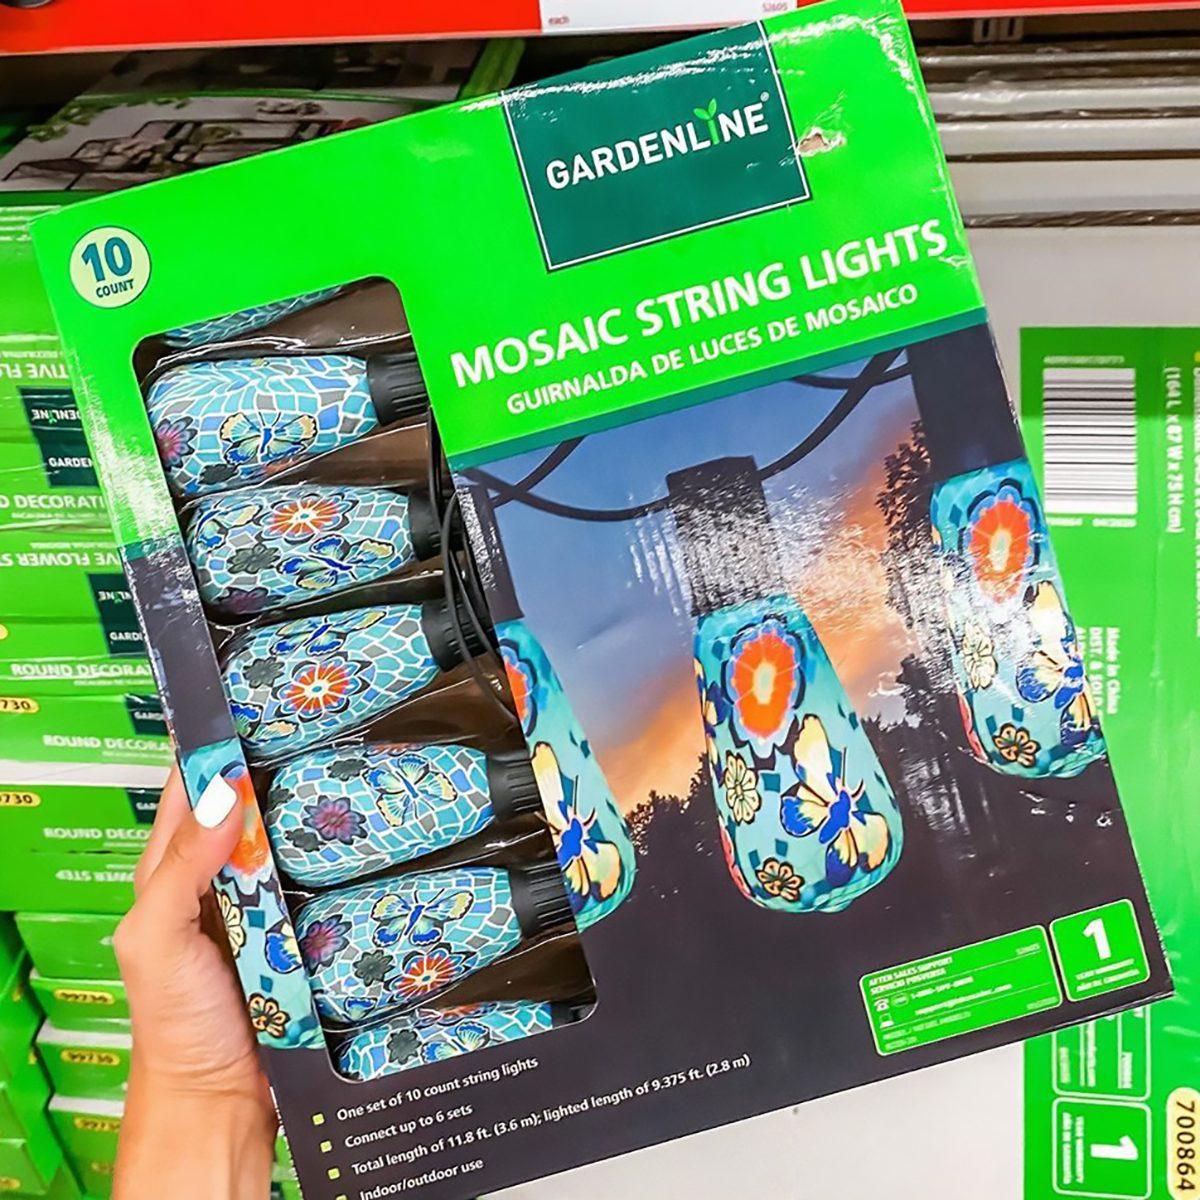 Aldi mosaic string lights crop